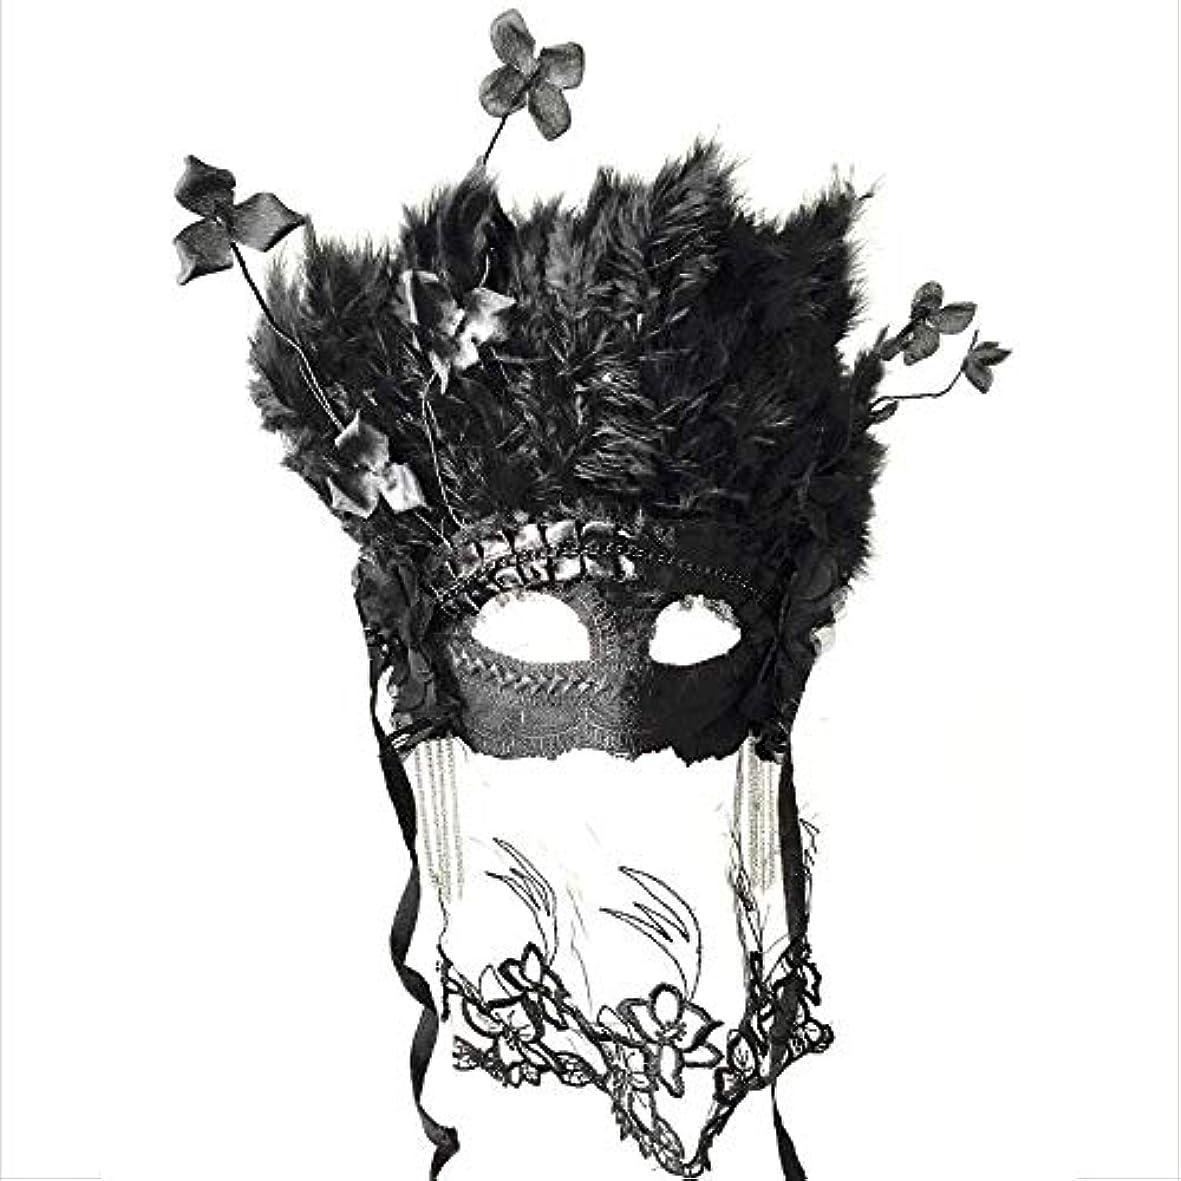 リネンメイト億Nanle ハロウィンクリスマスベールドライフラワーフェザータッセルマスク仮装マスクレディミスプリンセス美容祭パーティーデコレーションマスク